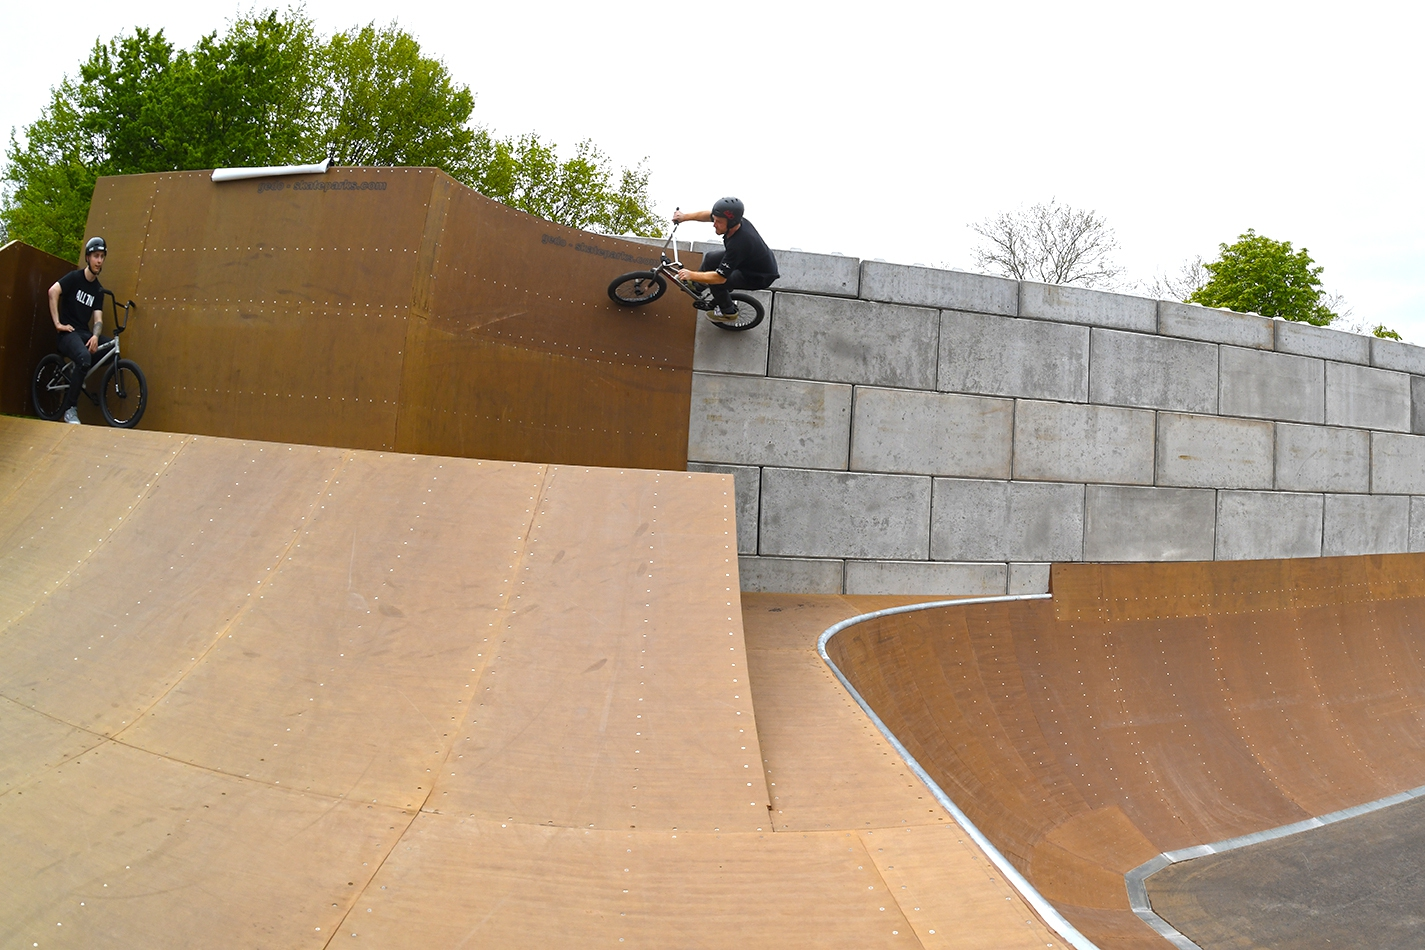 BL_Darmstadt_Bikepark_Testfahrt_Gallery_06